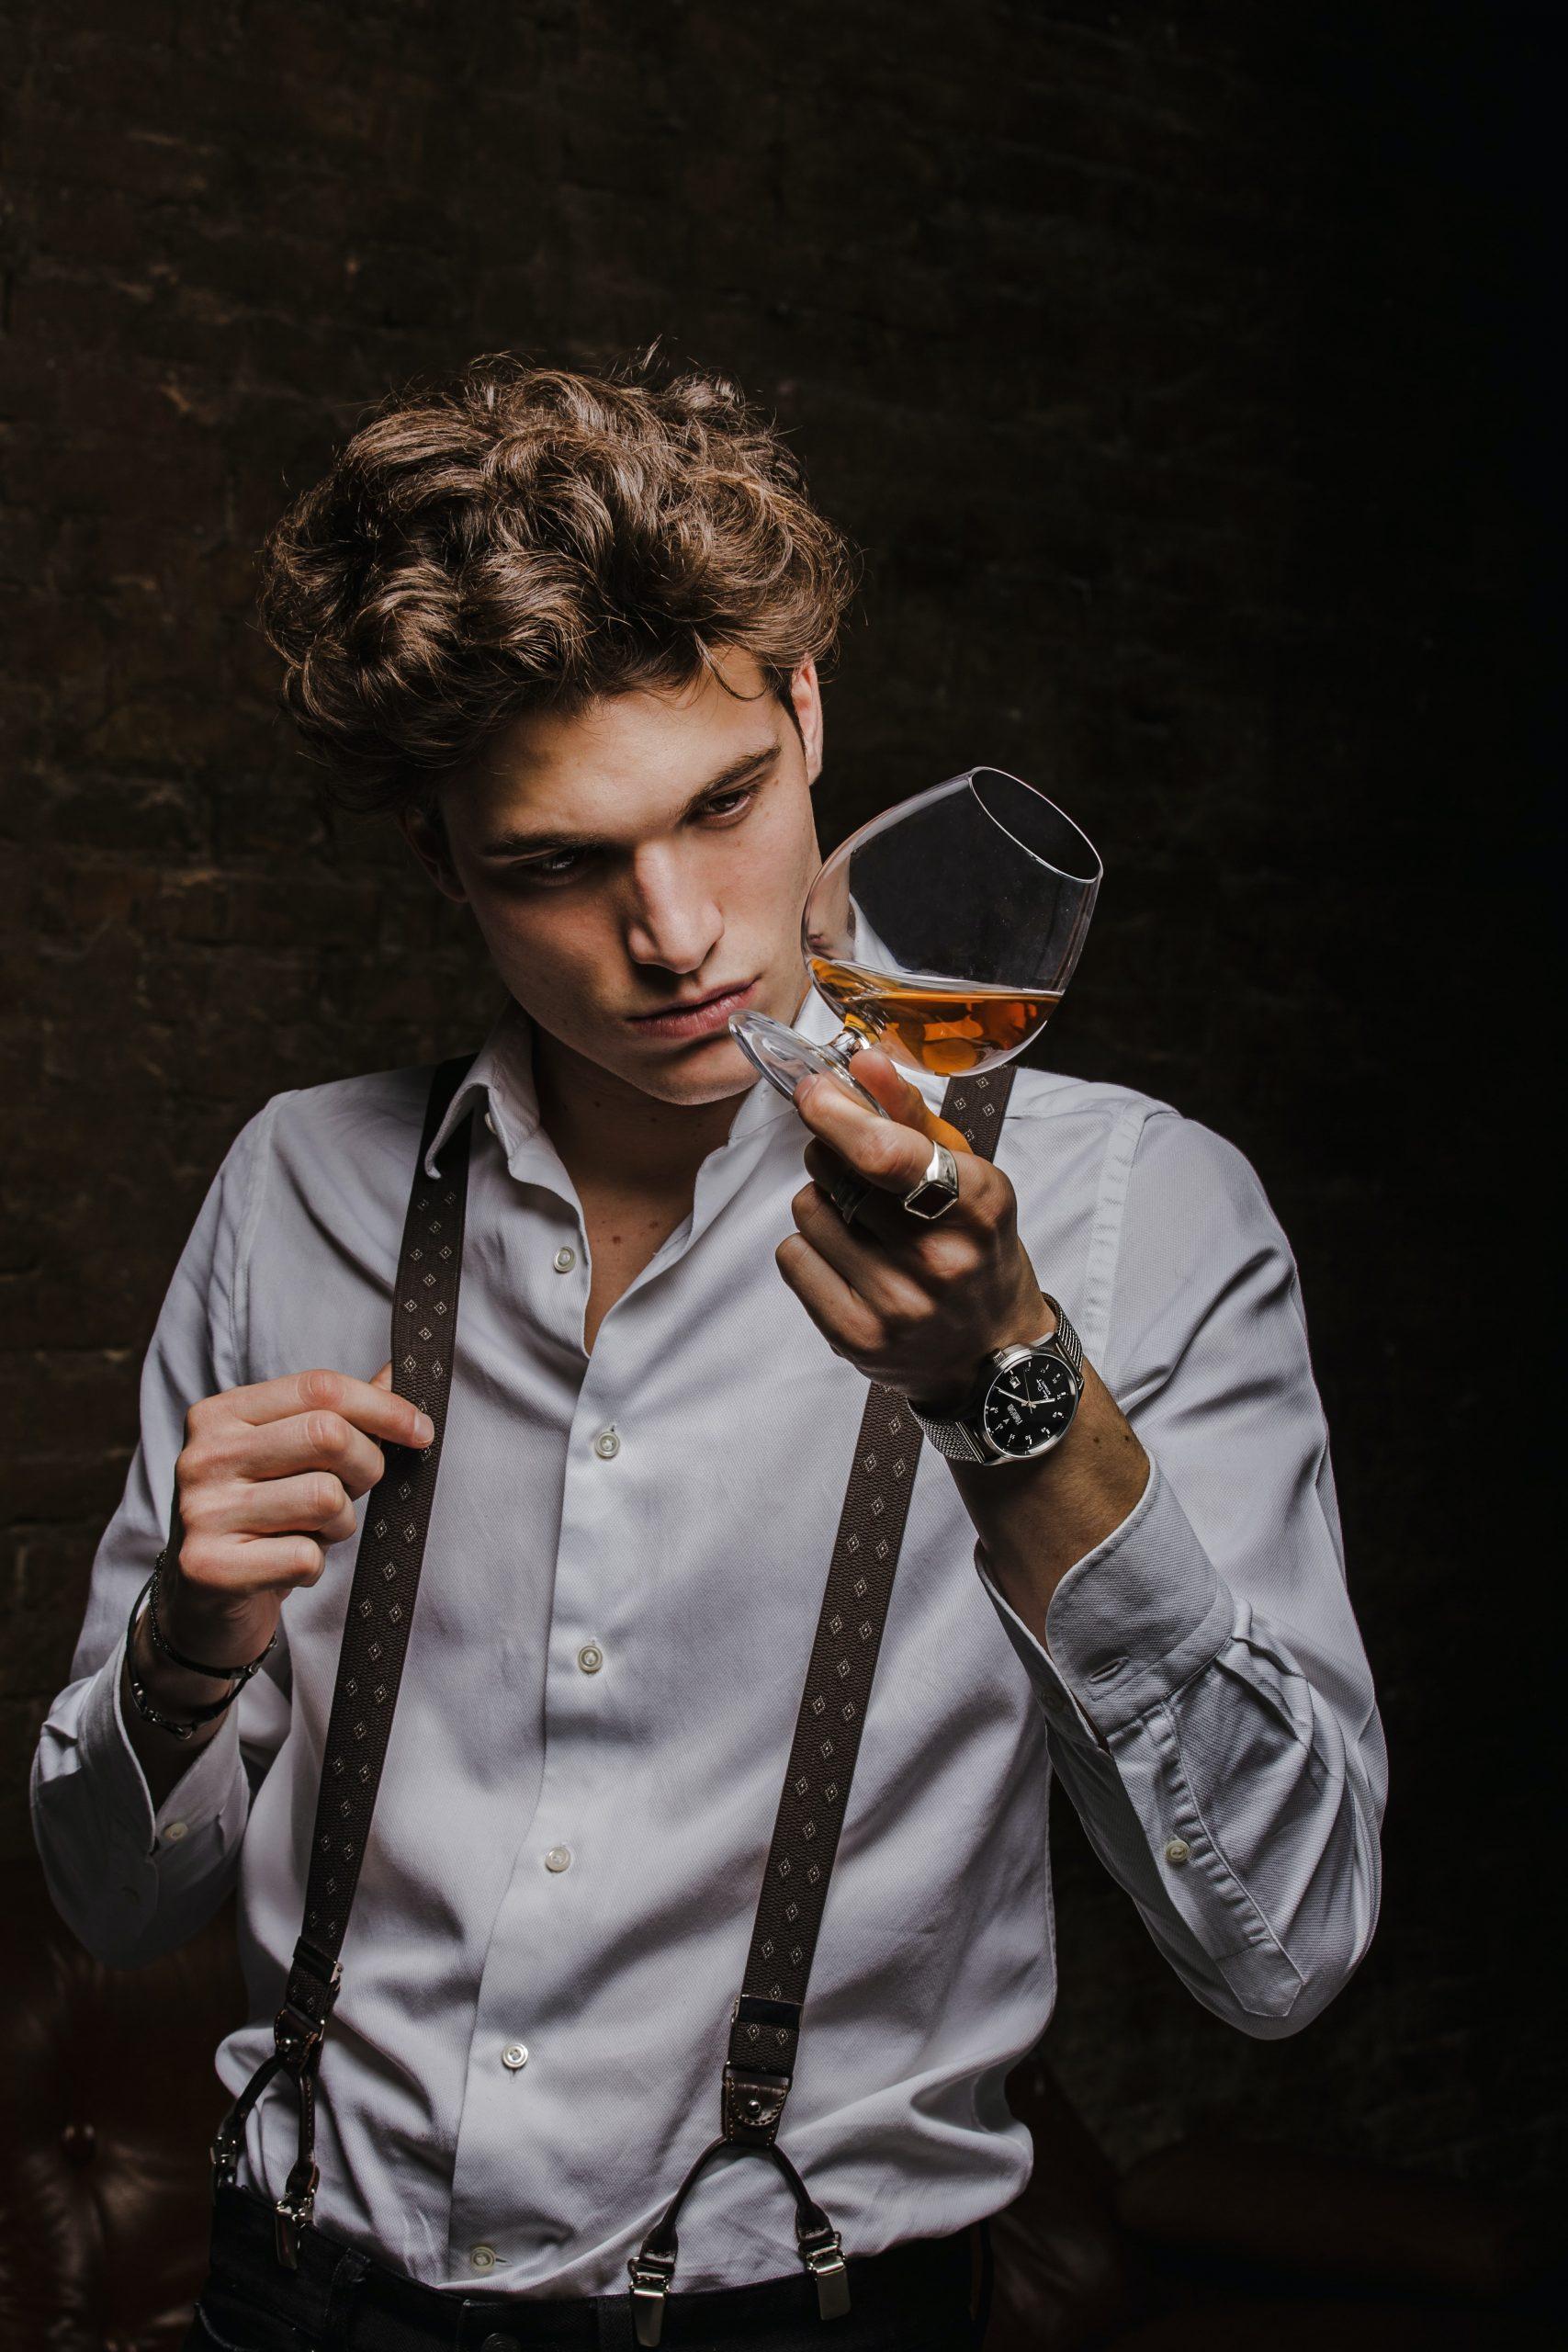 En person som holder et glass med cognac skjevt og ser på glasset.